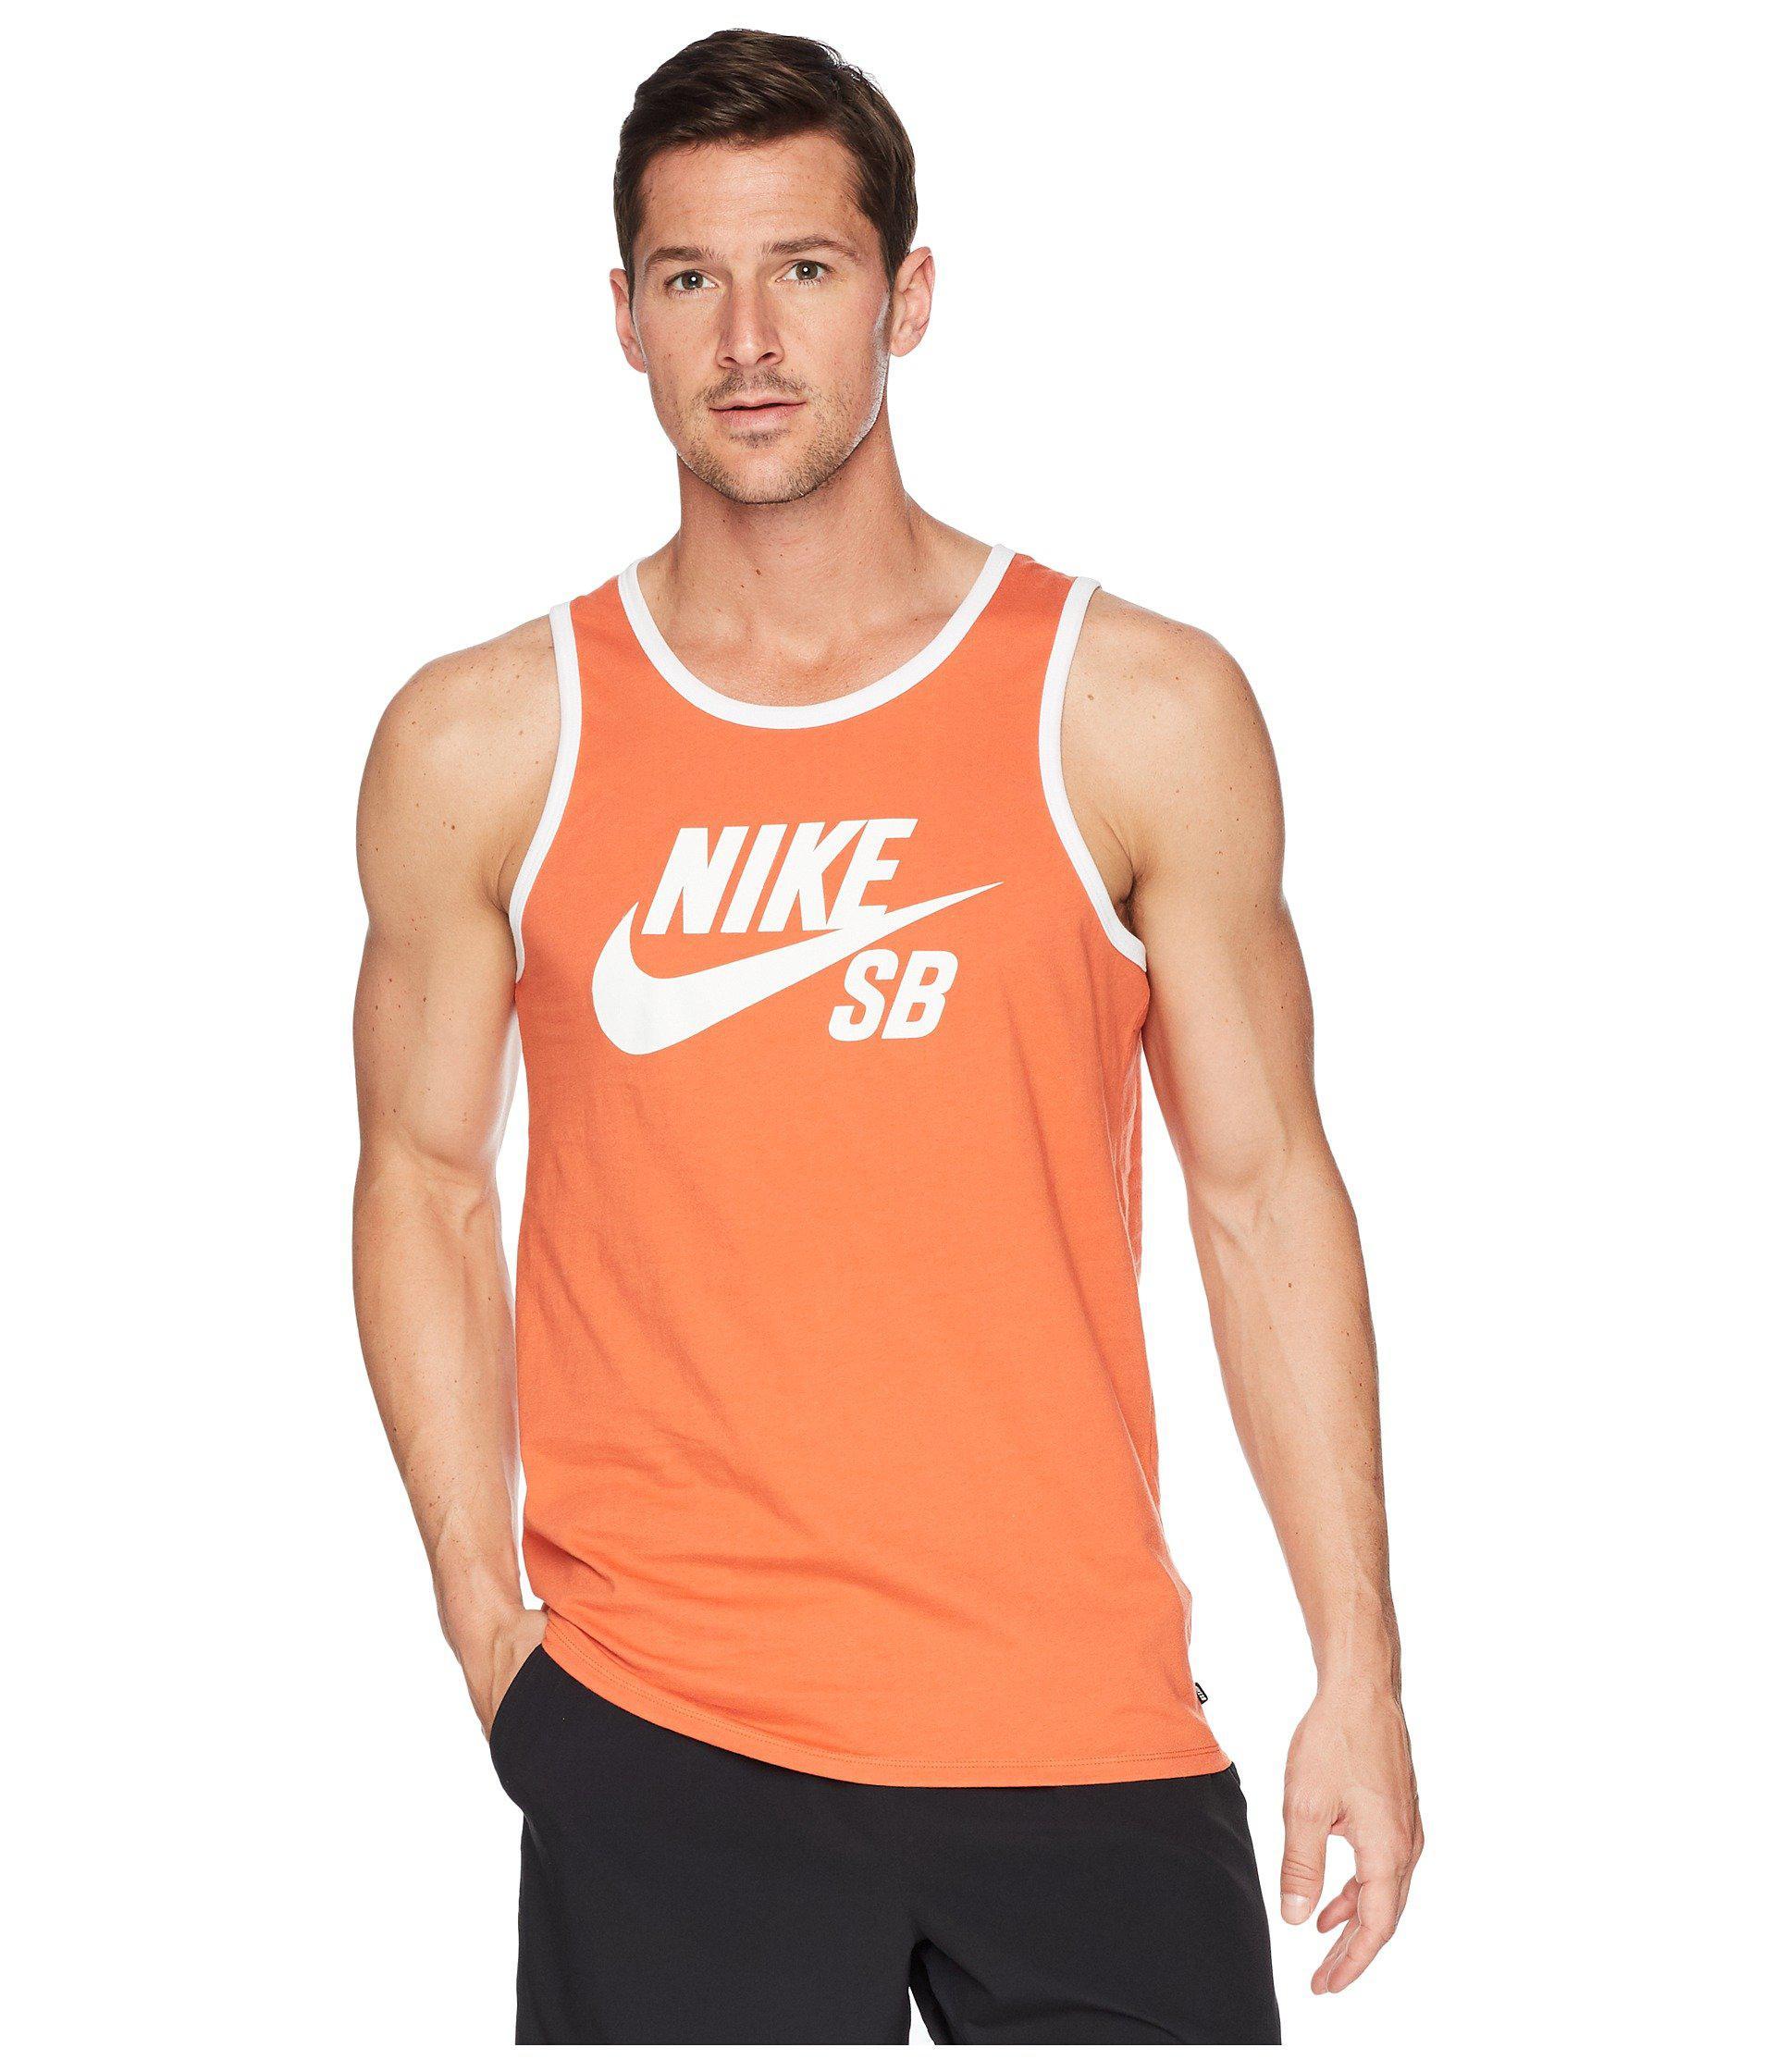 80639a06651138 Lyst - Nike Sb Tank Top Ringer (white black) Men s Sleeveless in ...